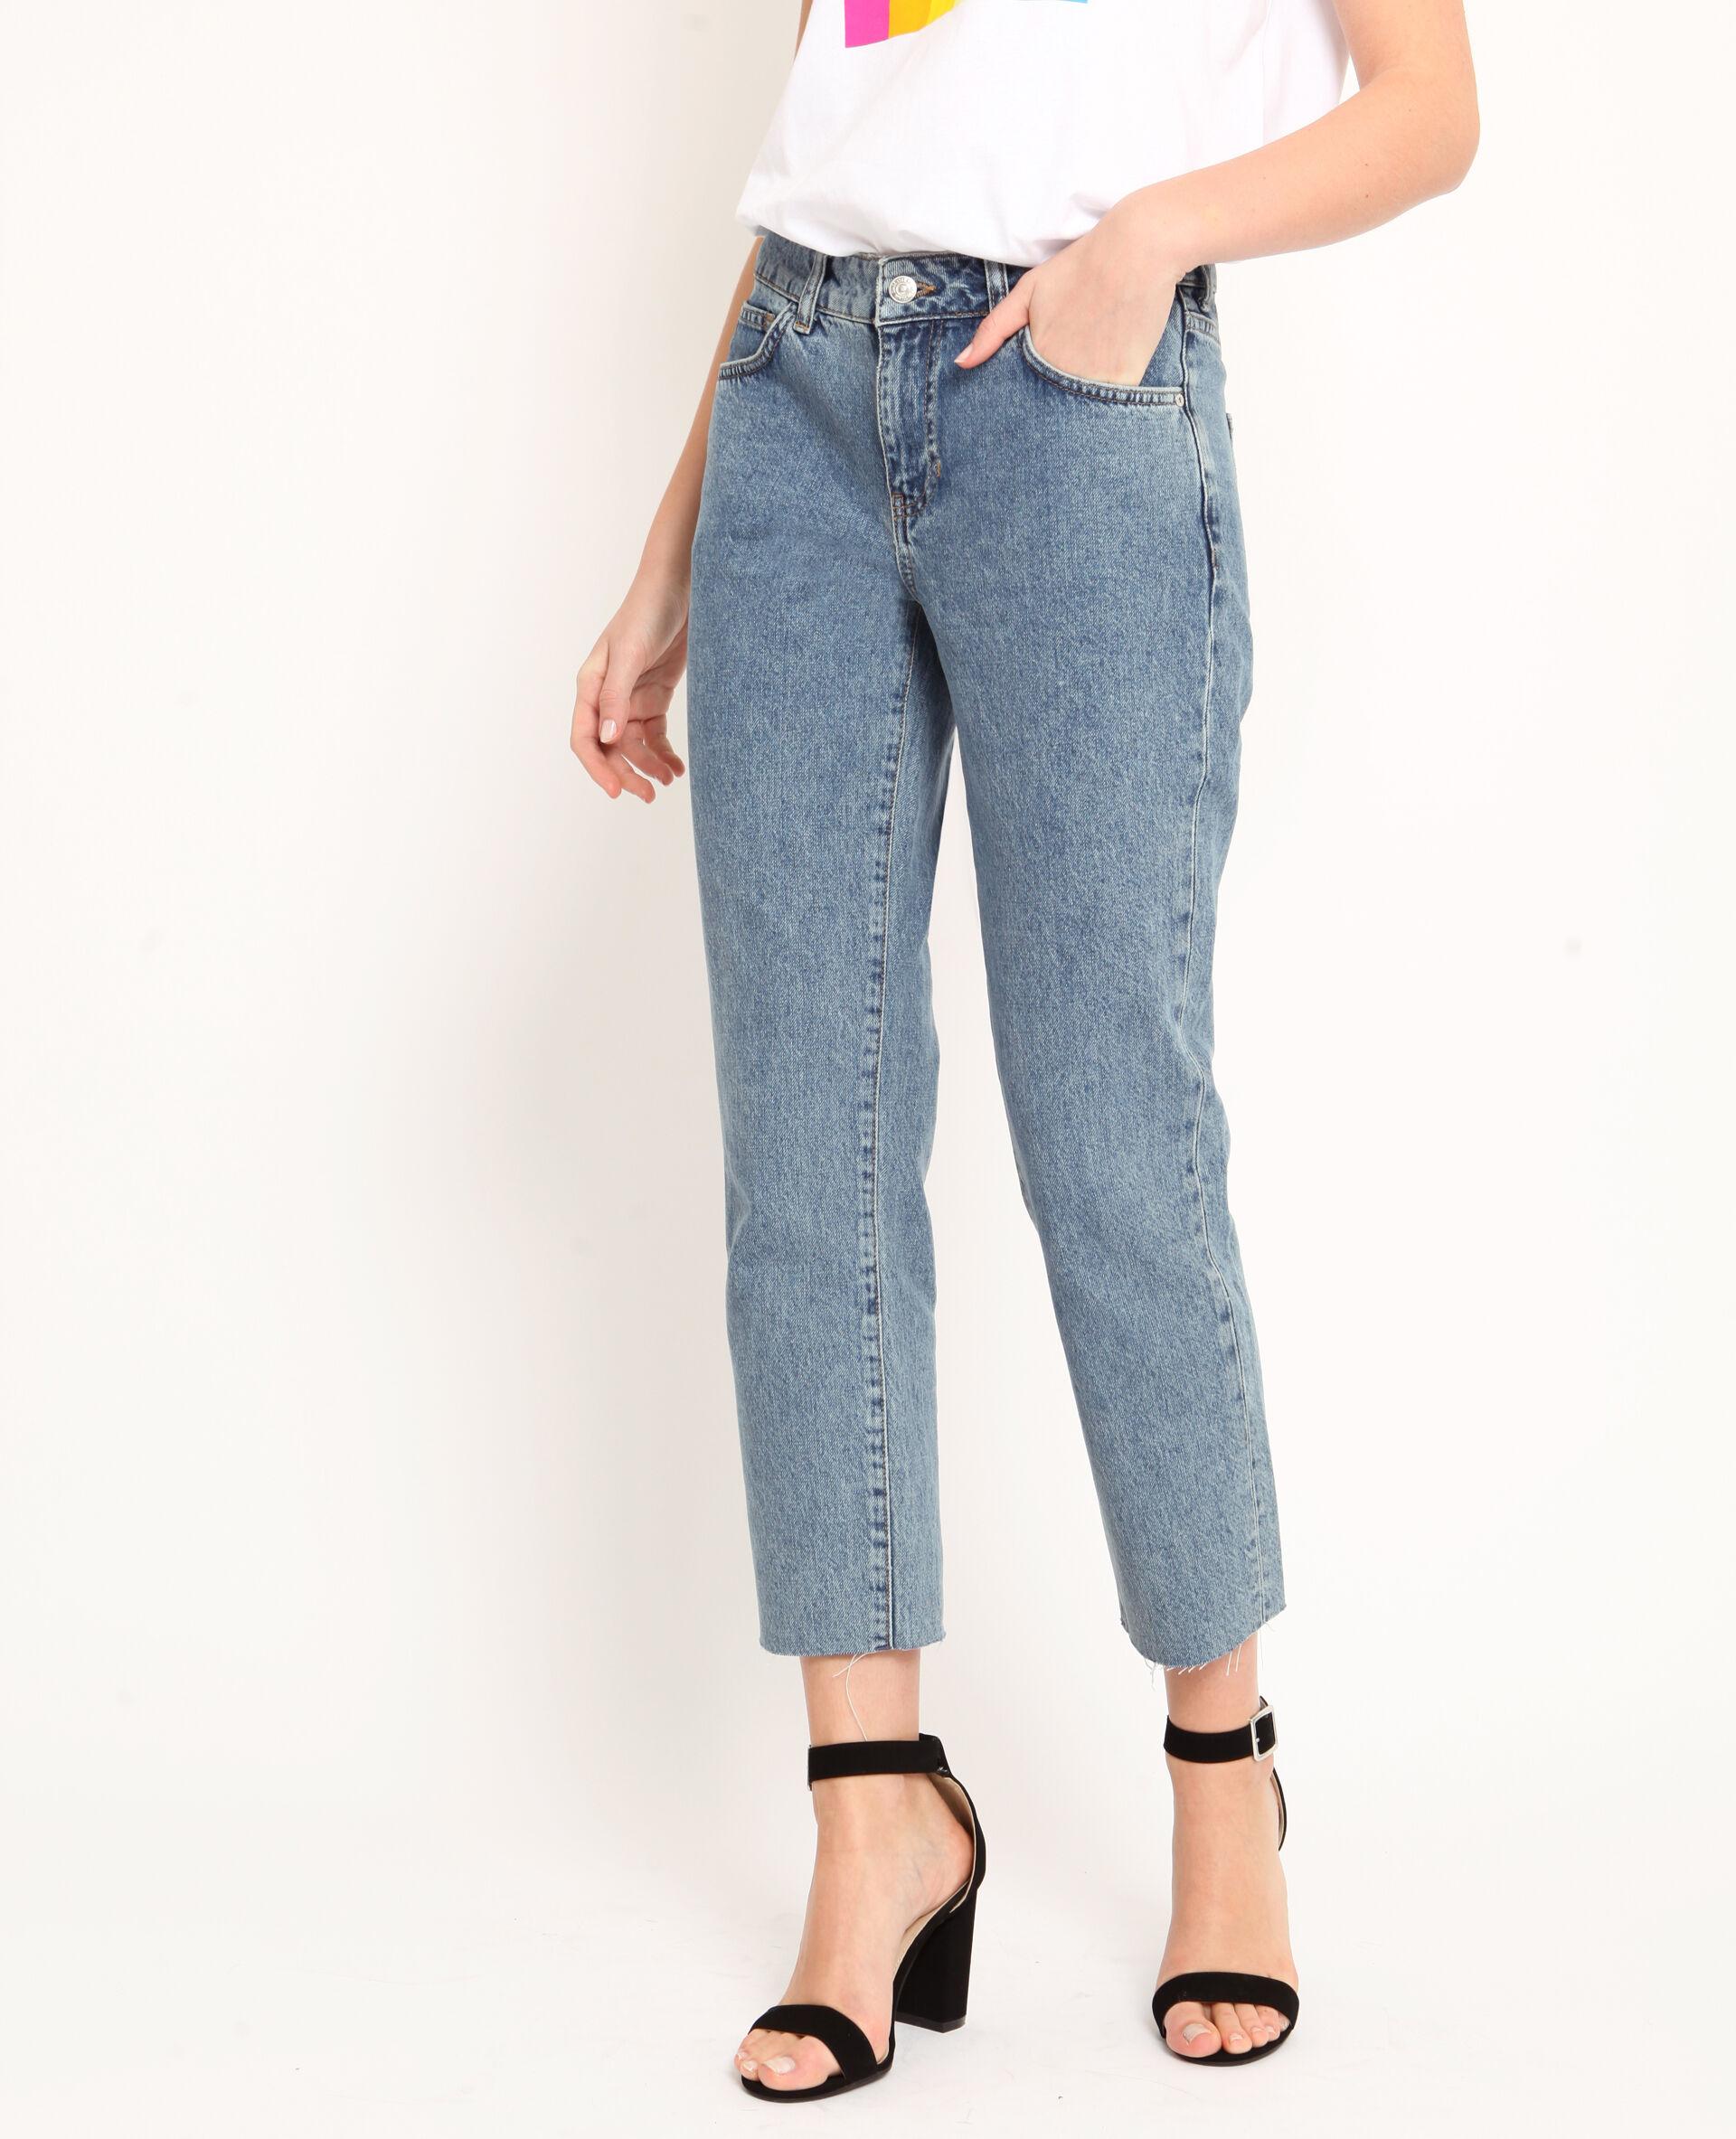 Vêtements Filles (0-24 Mois) Autres Original 12 Mois Pantalon Souple Imitation Jean